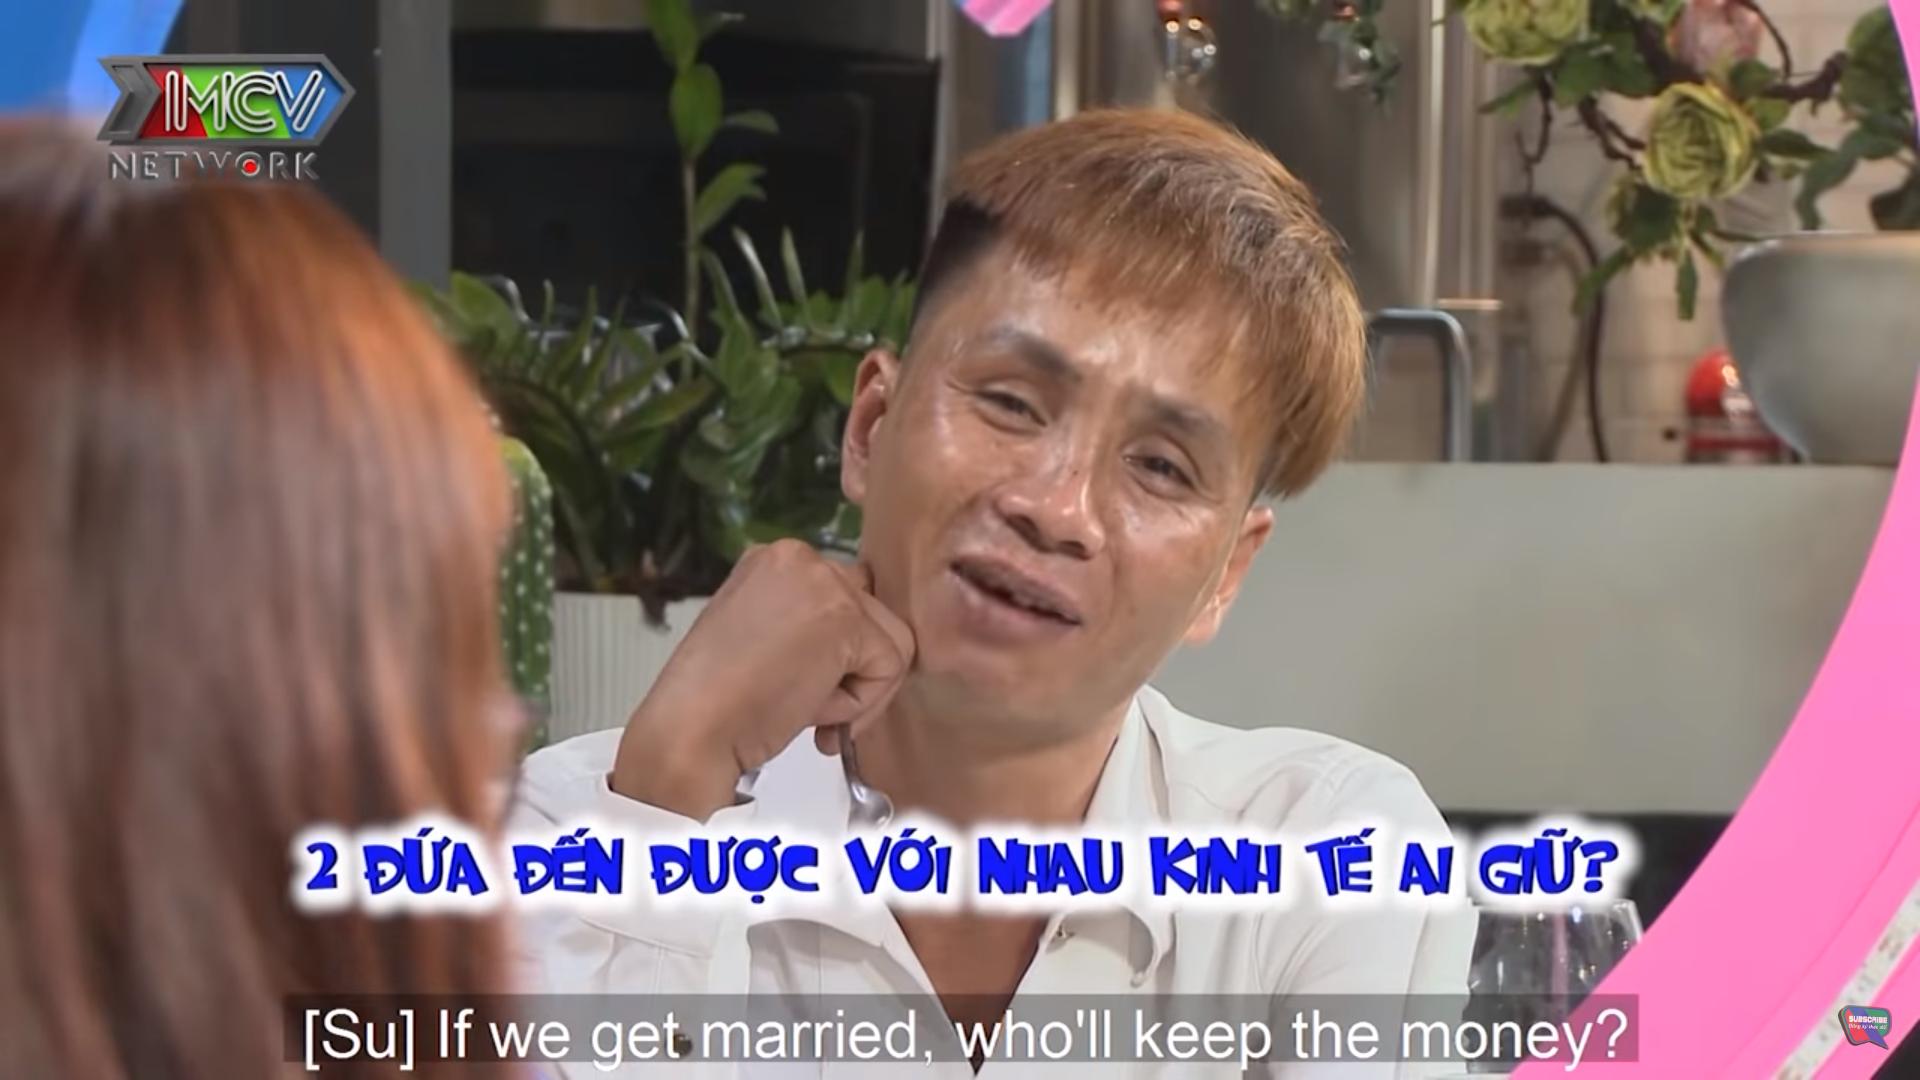 Đến show hẹn hò, cặp đôi gay gắt chuyện giữ tiền sau cưới: Đàng trai nói mượn không cho thì trộm, đàng gái đòi kiện ra tòa 2